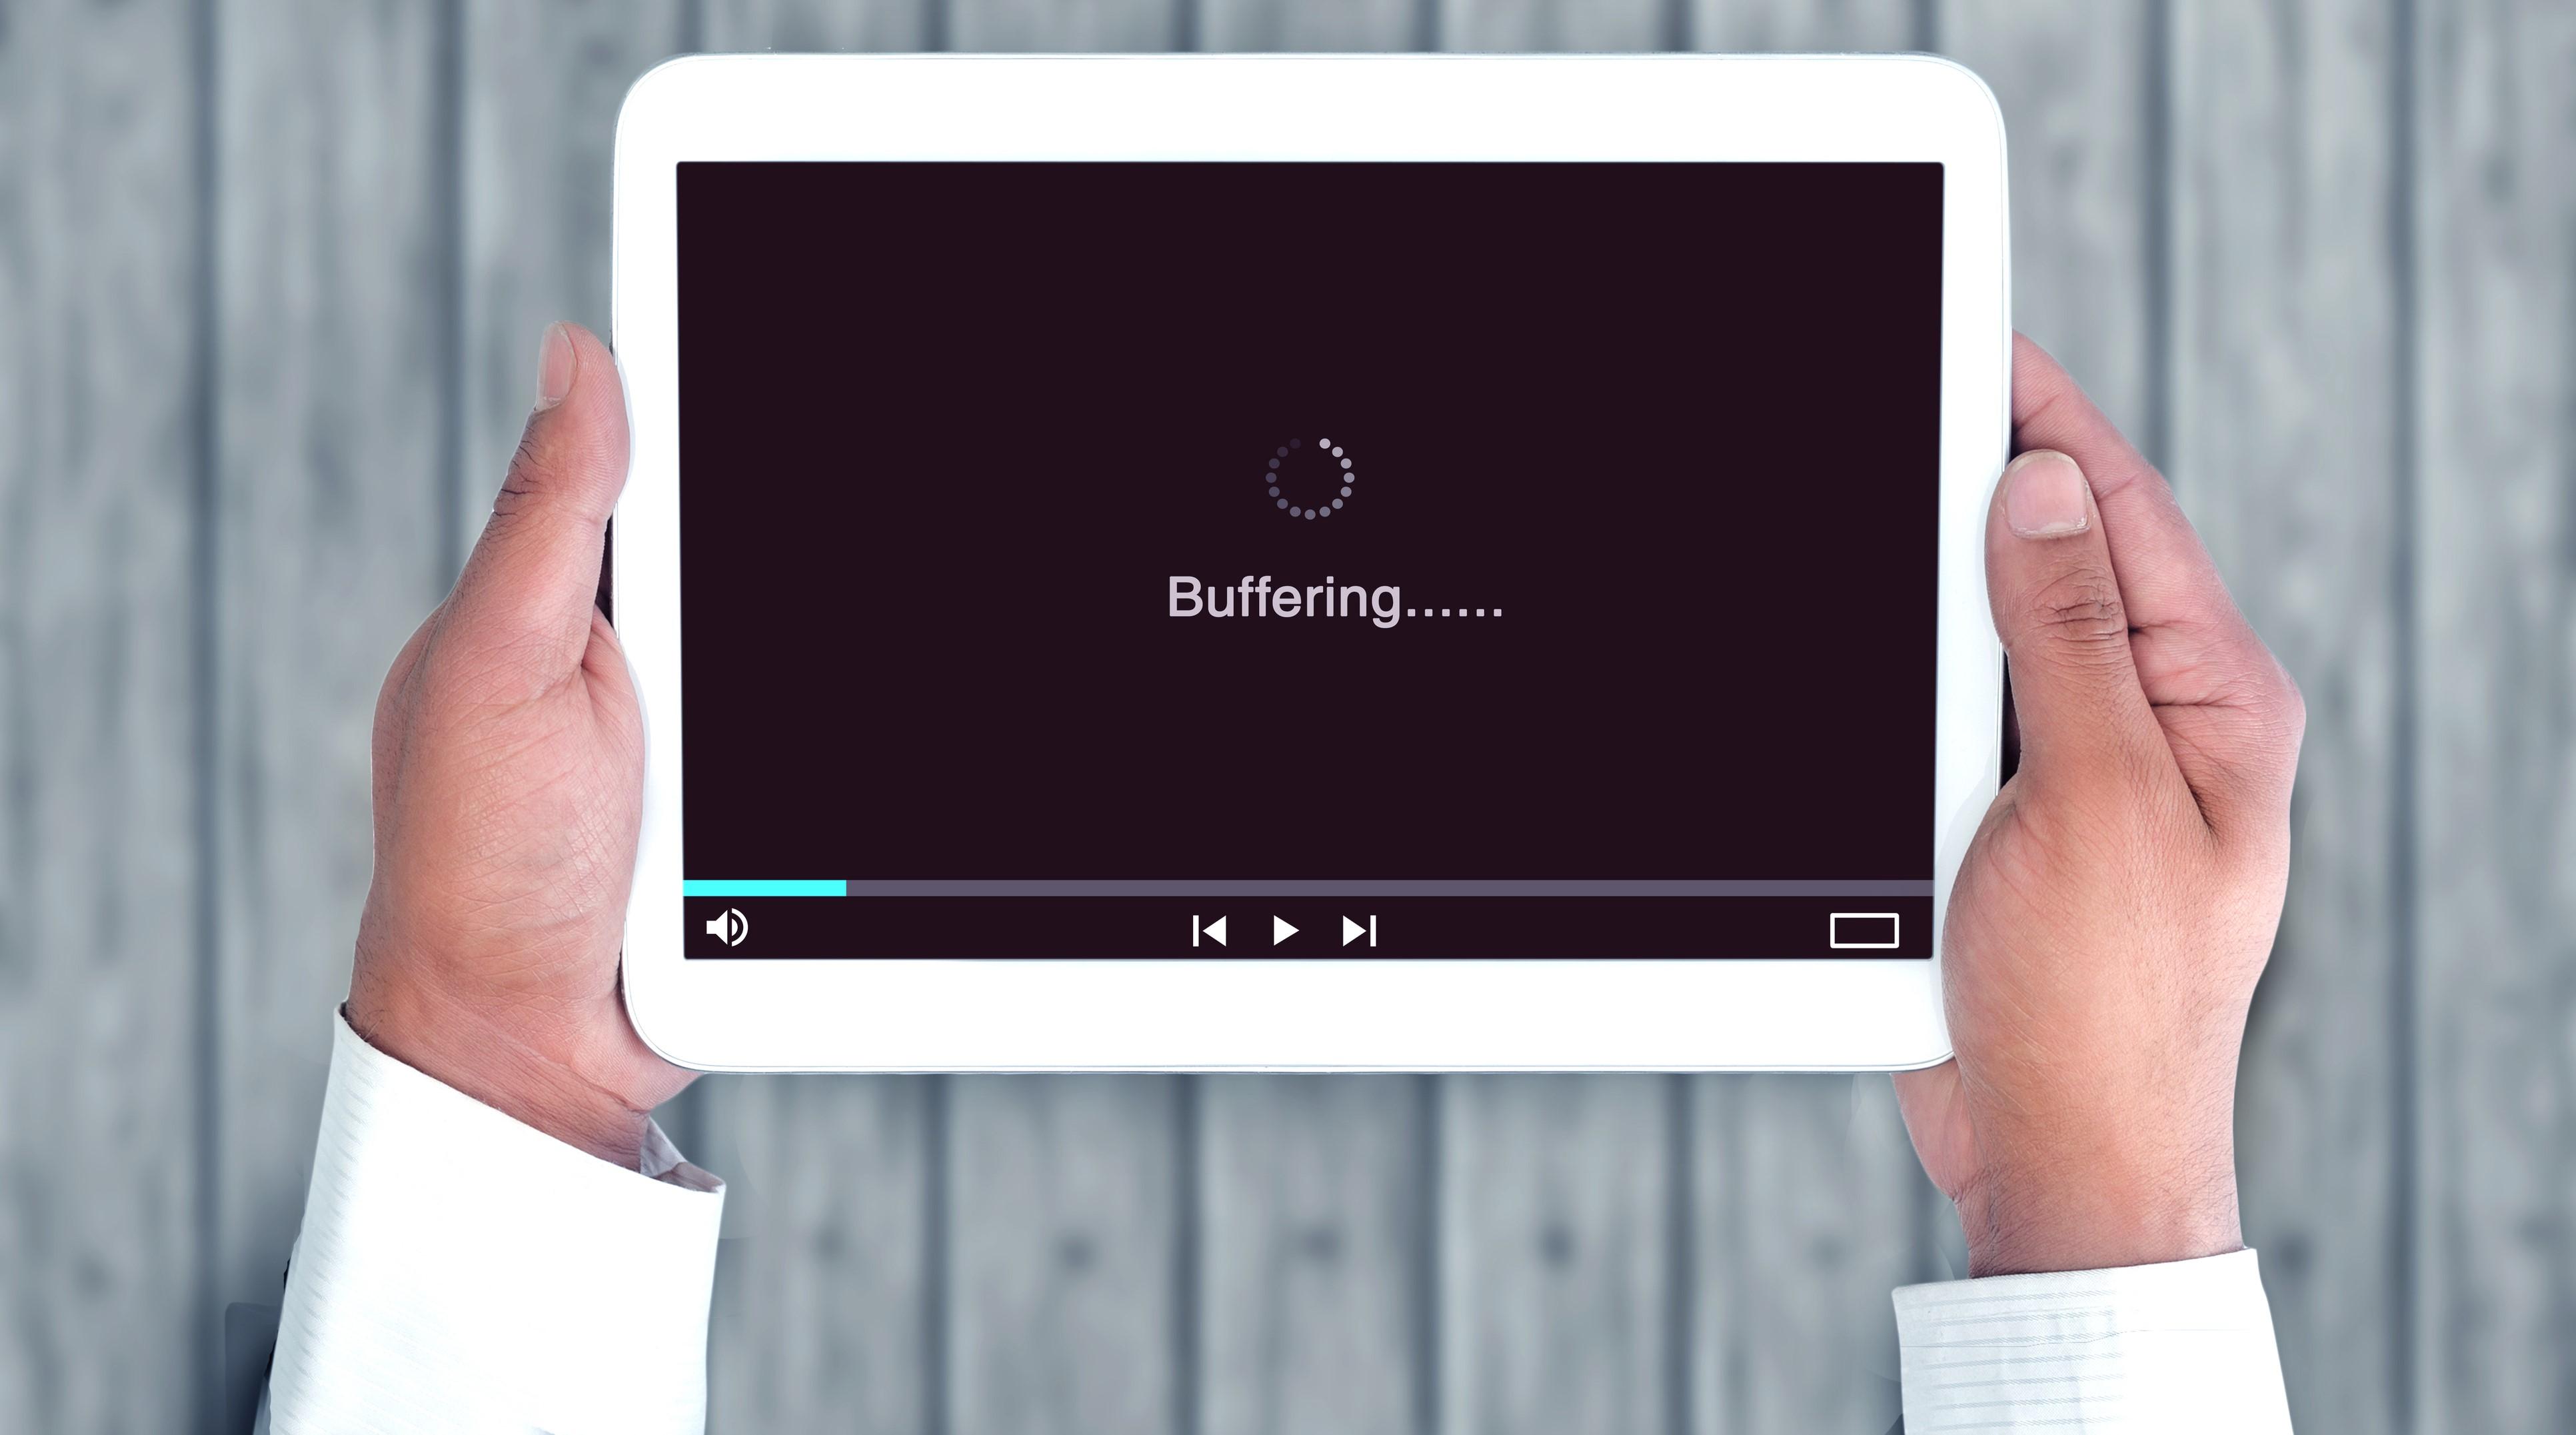 Video Buffering